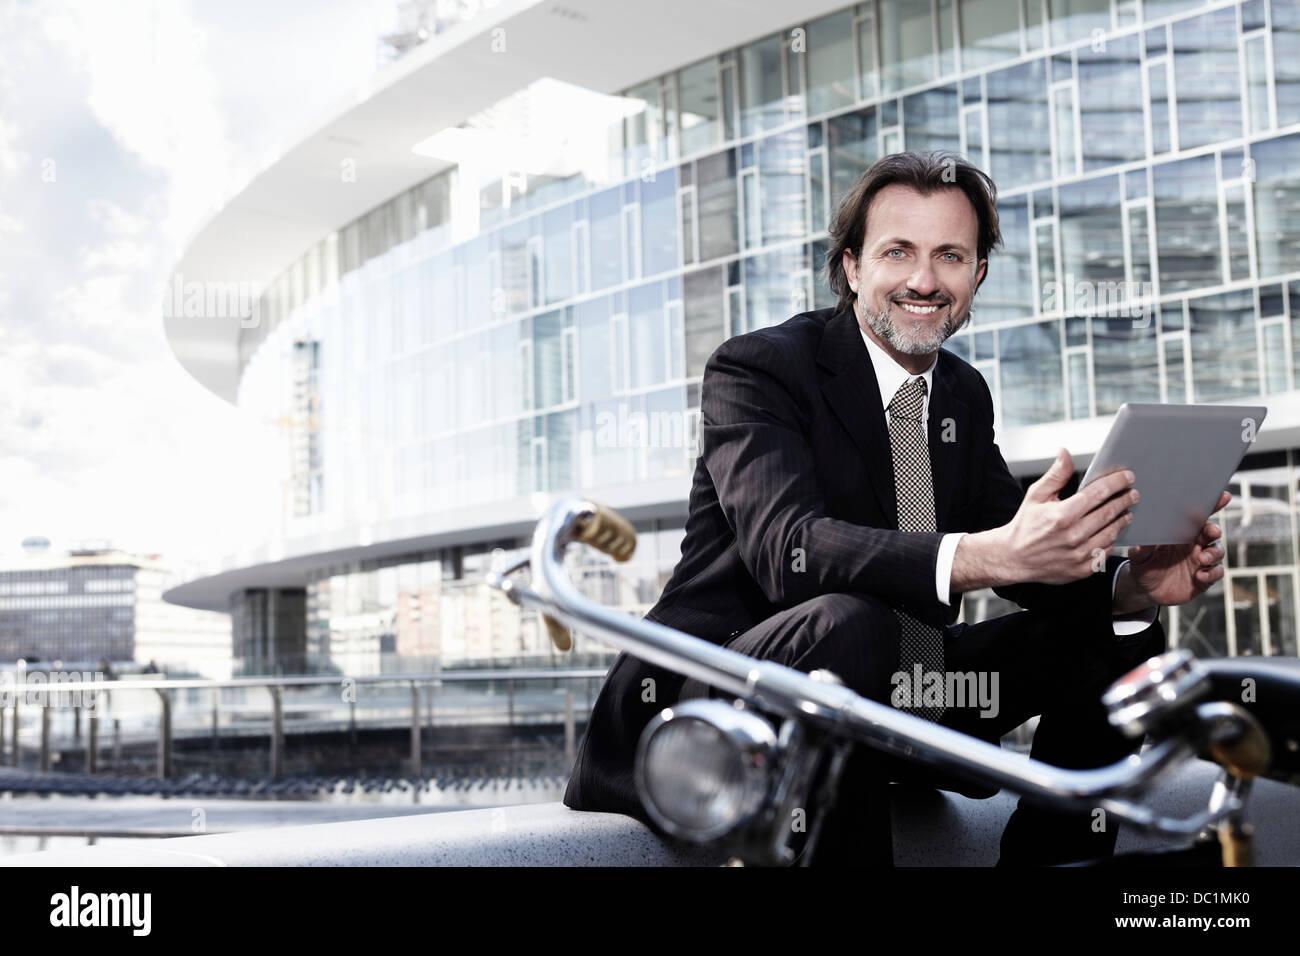 Adulto medio imprenditore utilizzando digitale compressa in città, ritratto Immagini Stock